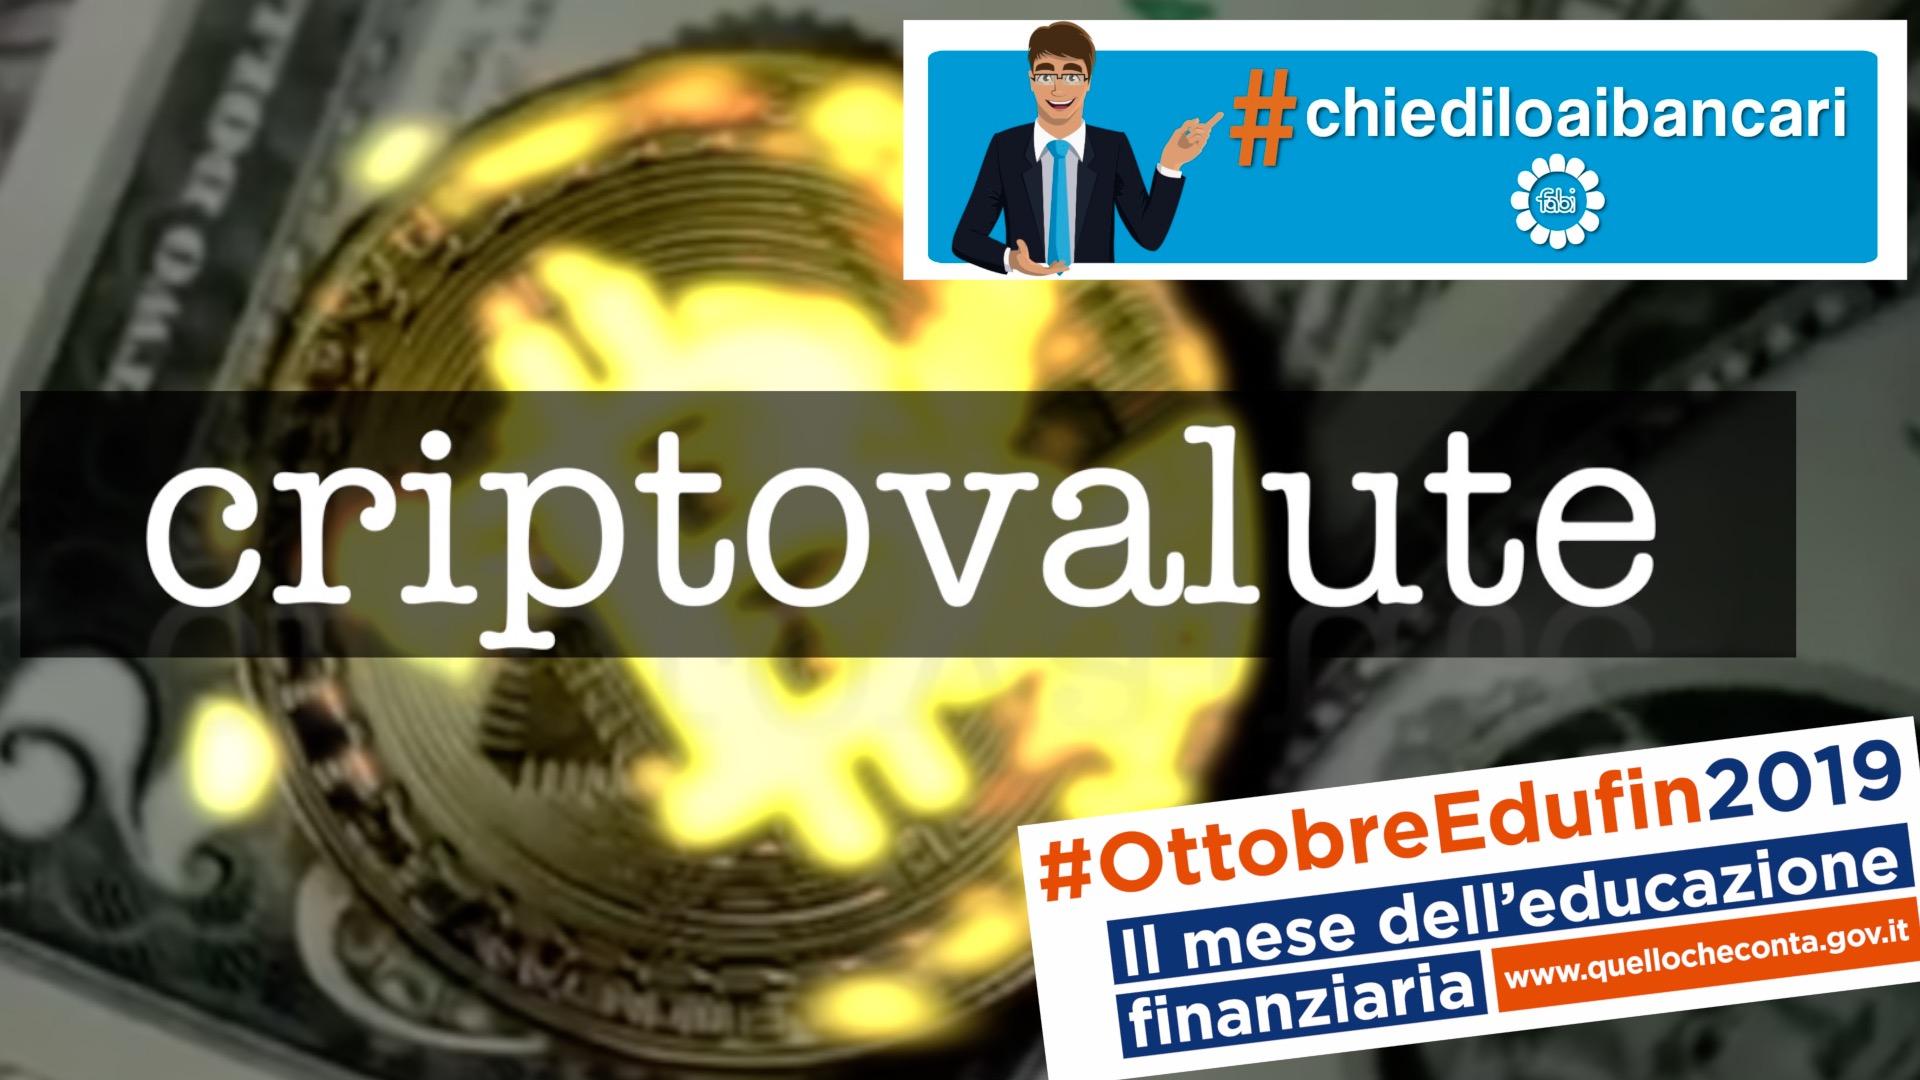 #CHIEDILOAIBANCARI, il primo video: Criptovalute